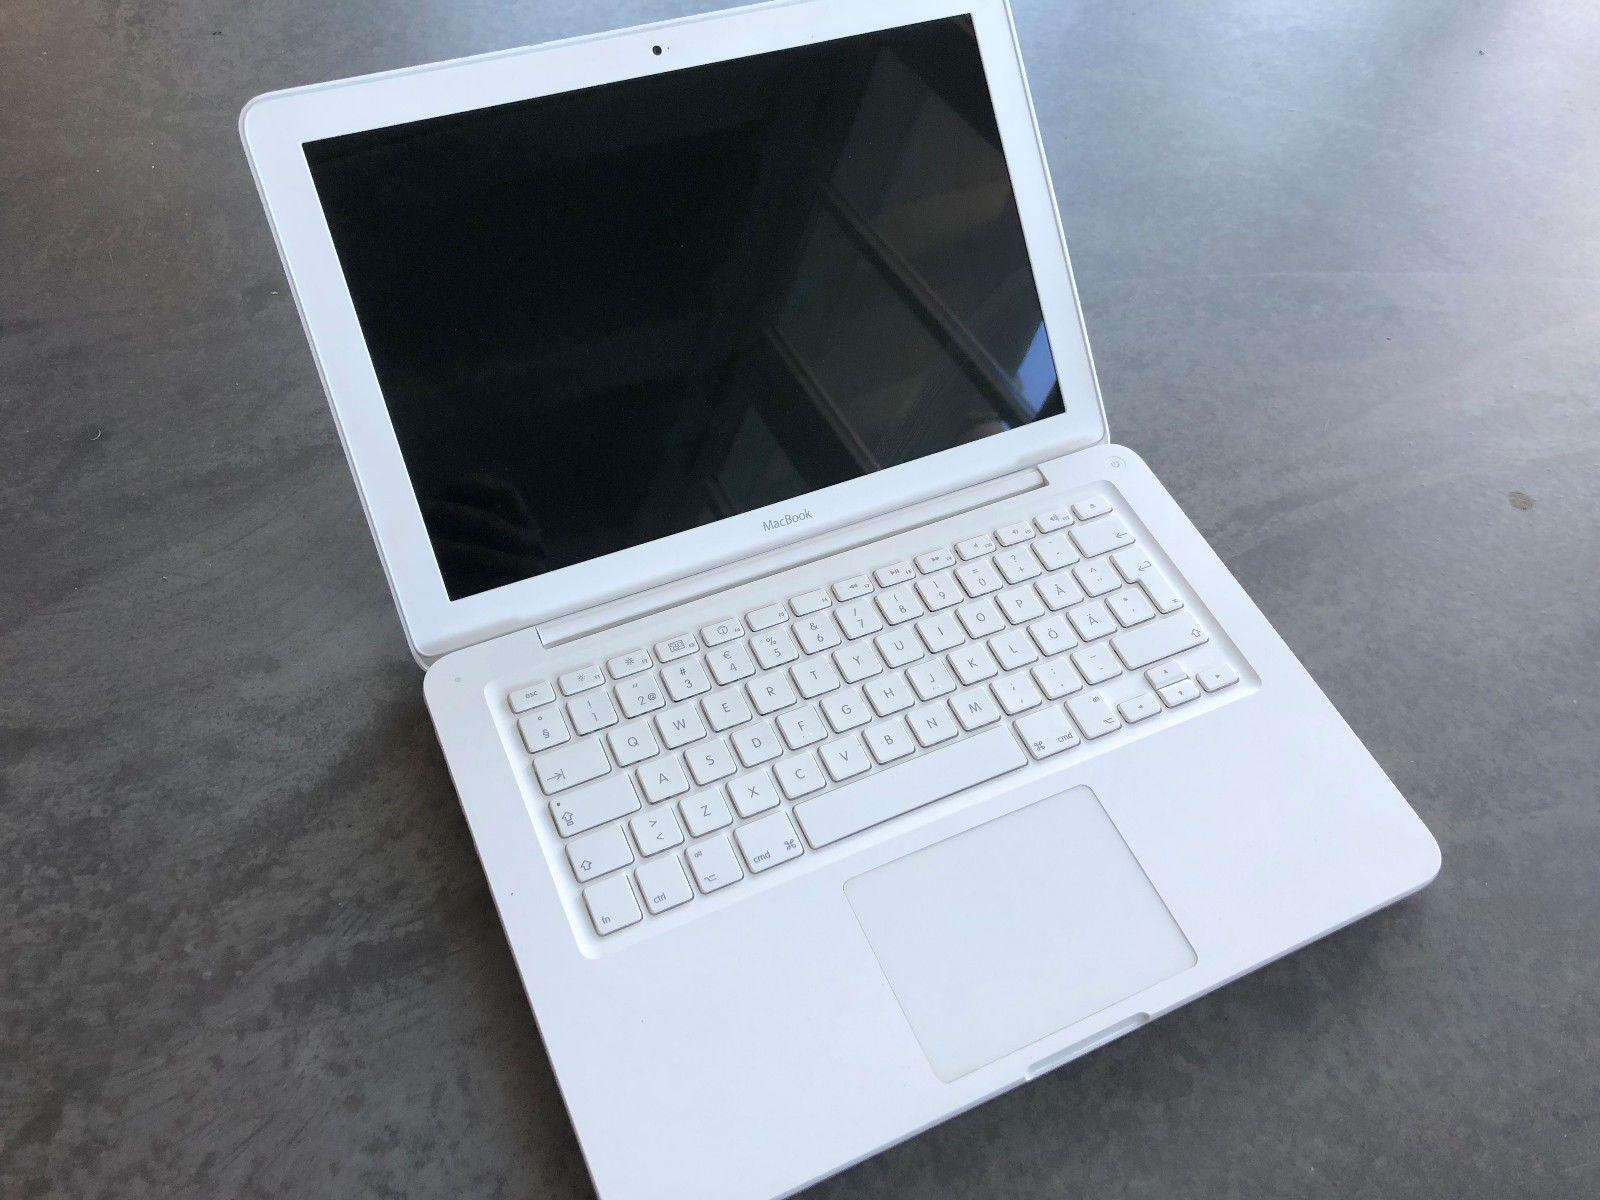 Apple Macbook Blanco 13 3 Core2duo 2 4 2gb Ram 250gb Hdd High Sierra Bluetooth Ebay Apple Laptop Apple Macbook Macbook